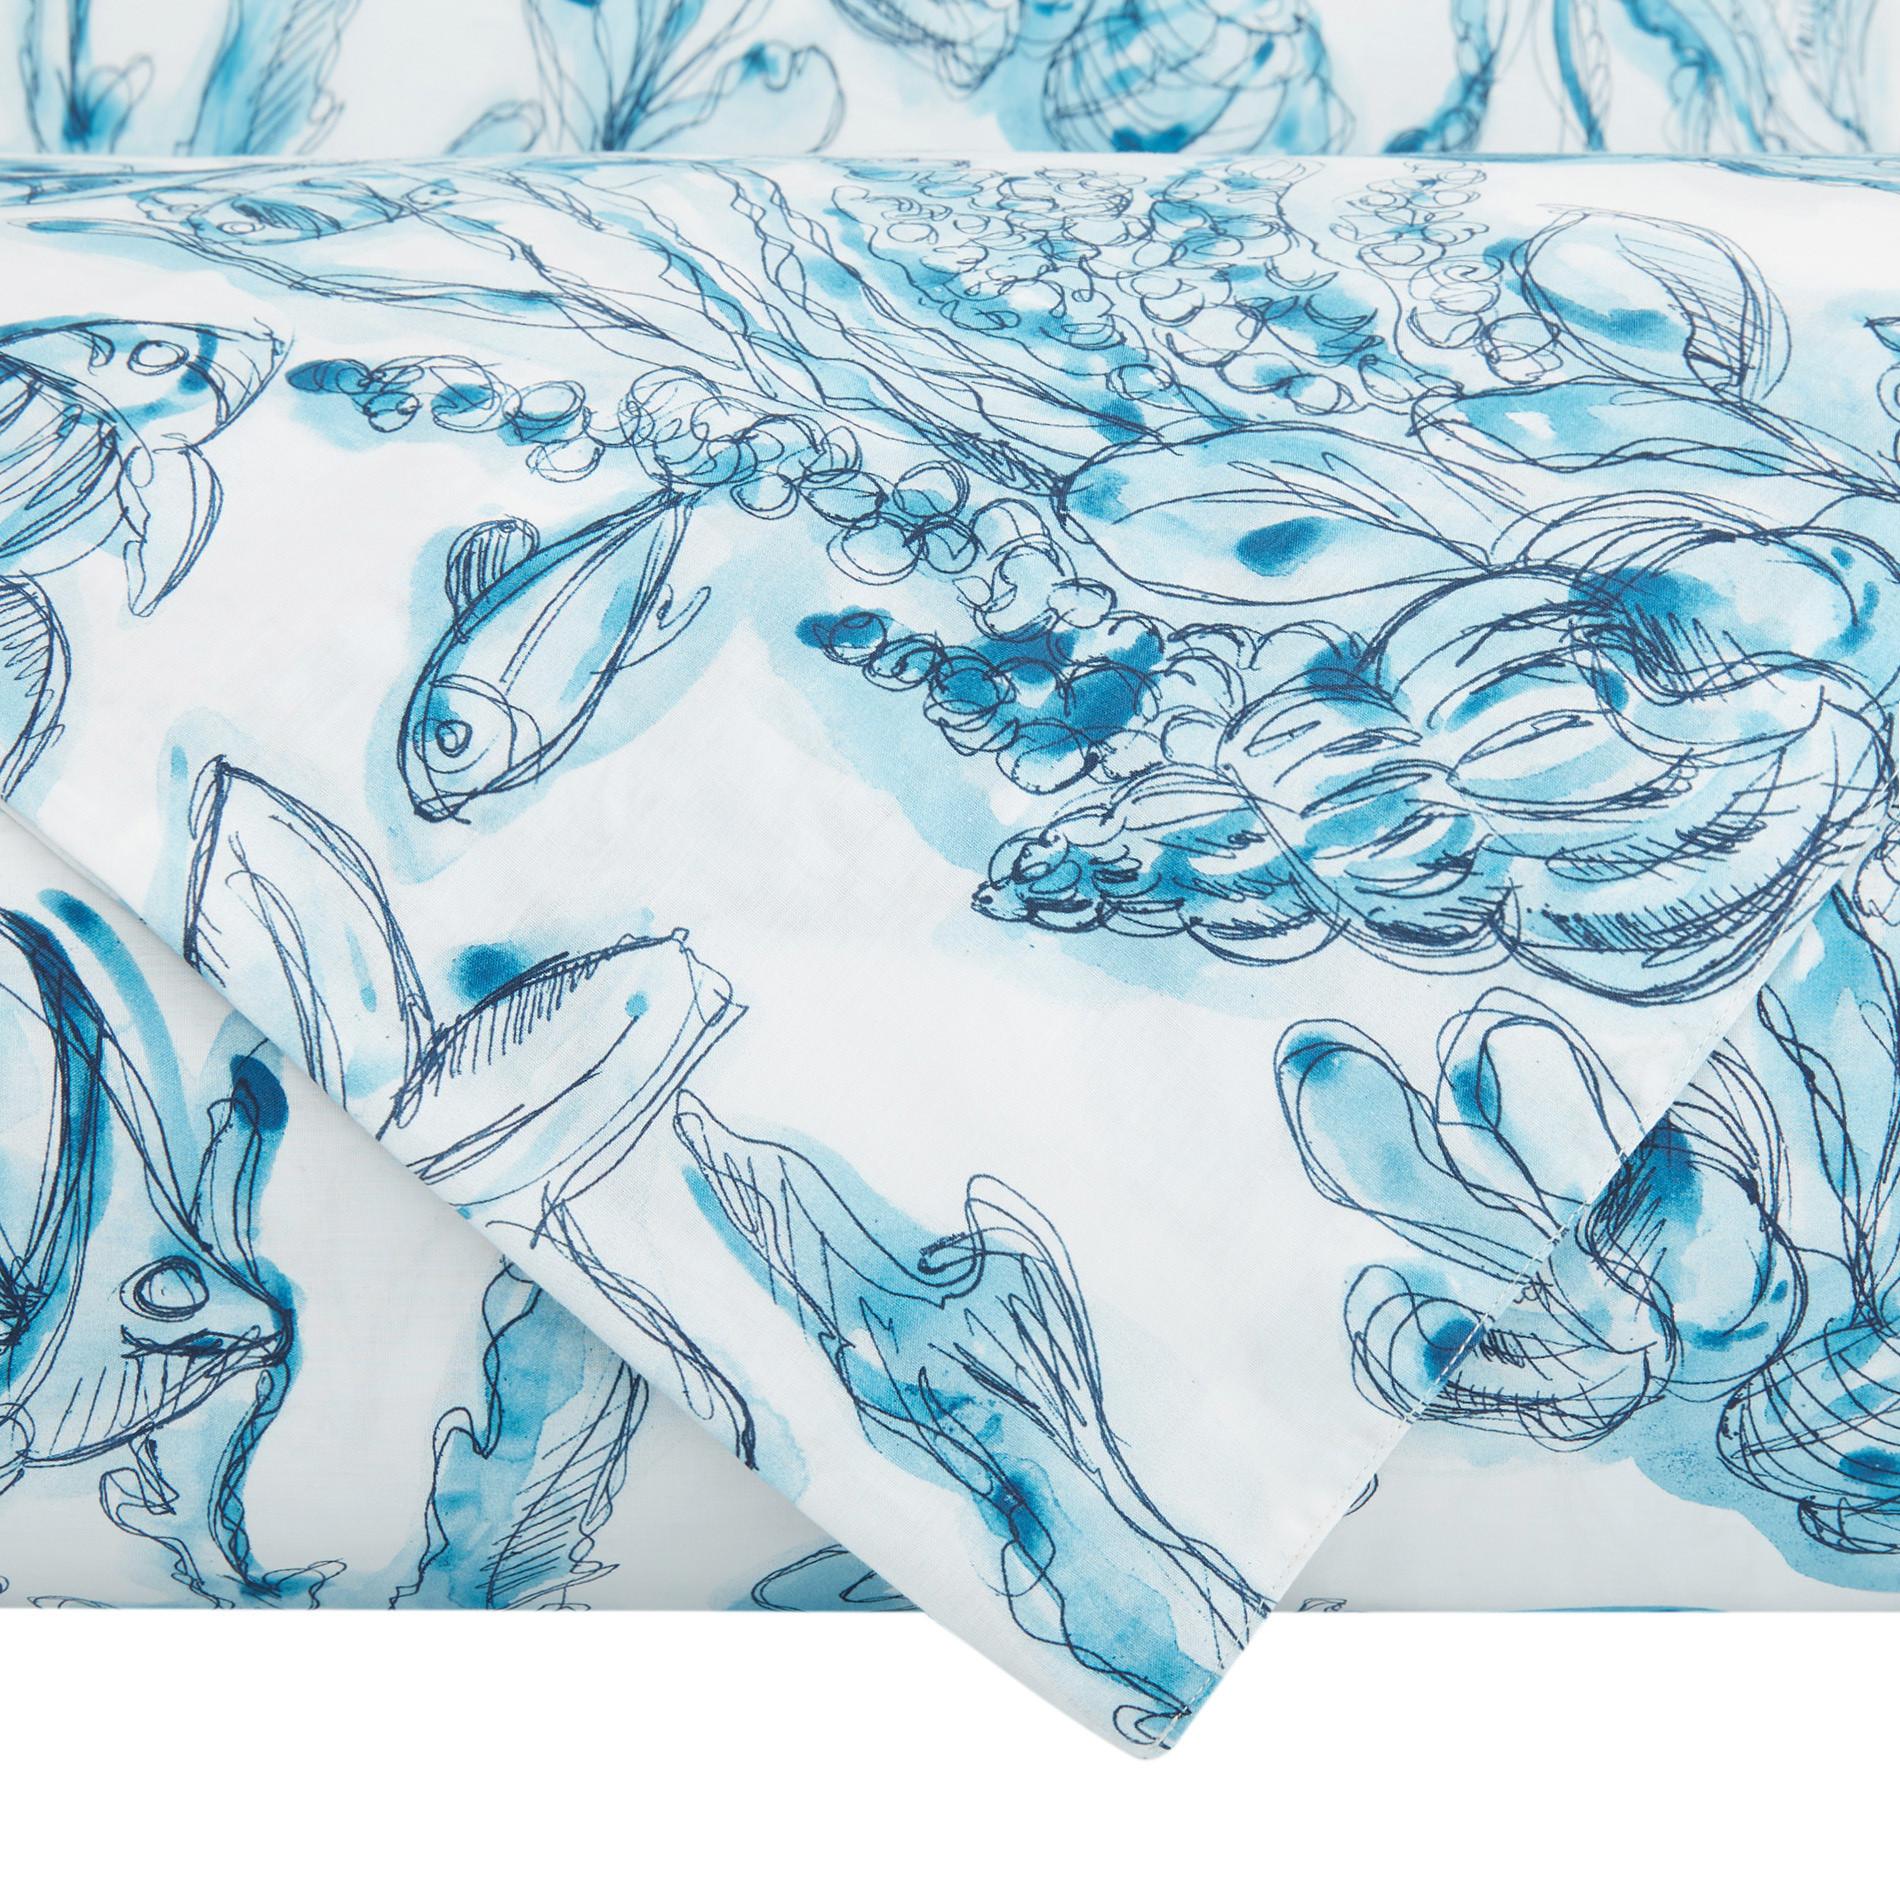 Copripiumino cotone biologico fantasia marina, Blu, large image number 2